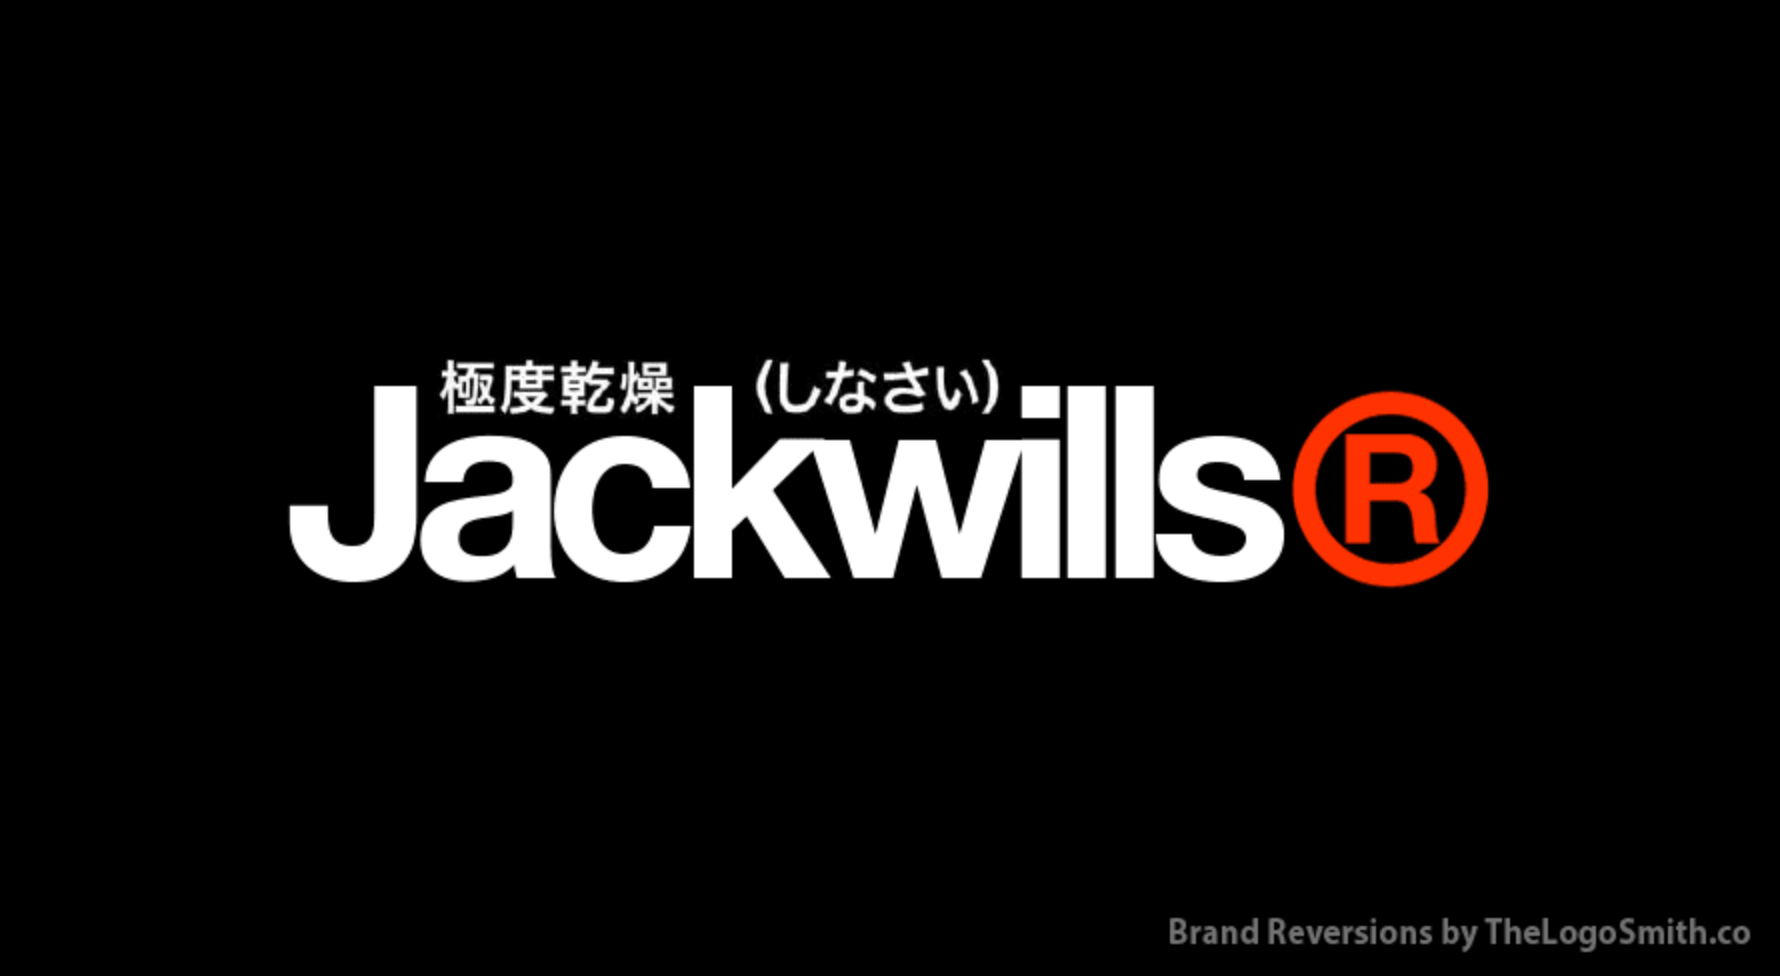 wersm-brand-reversioning-superdry-jackwills